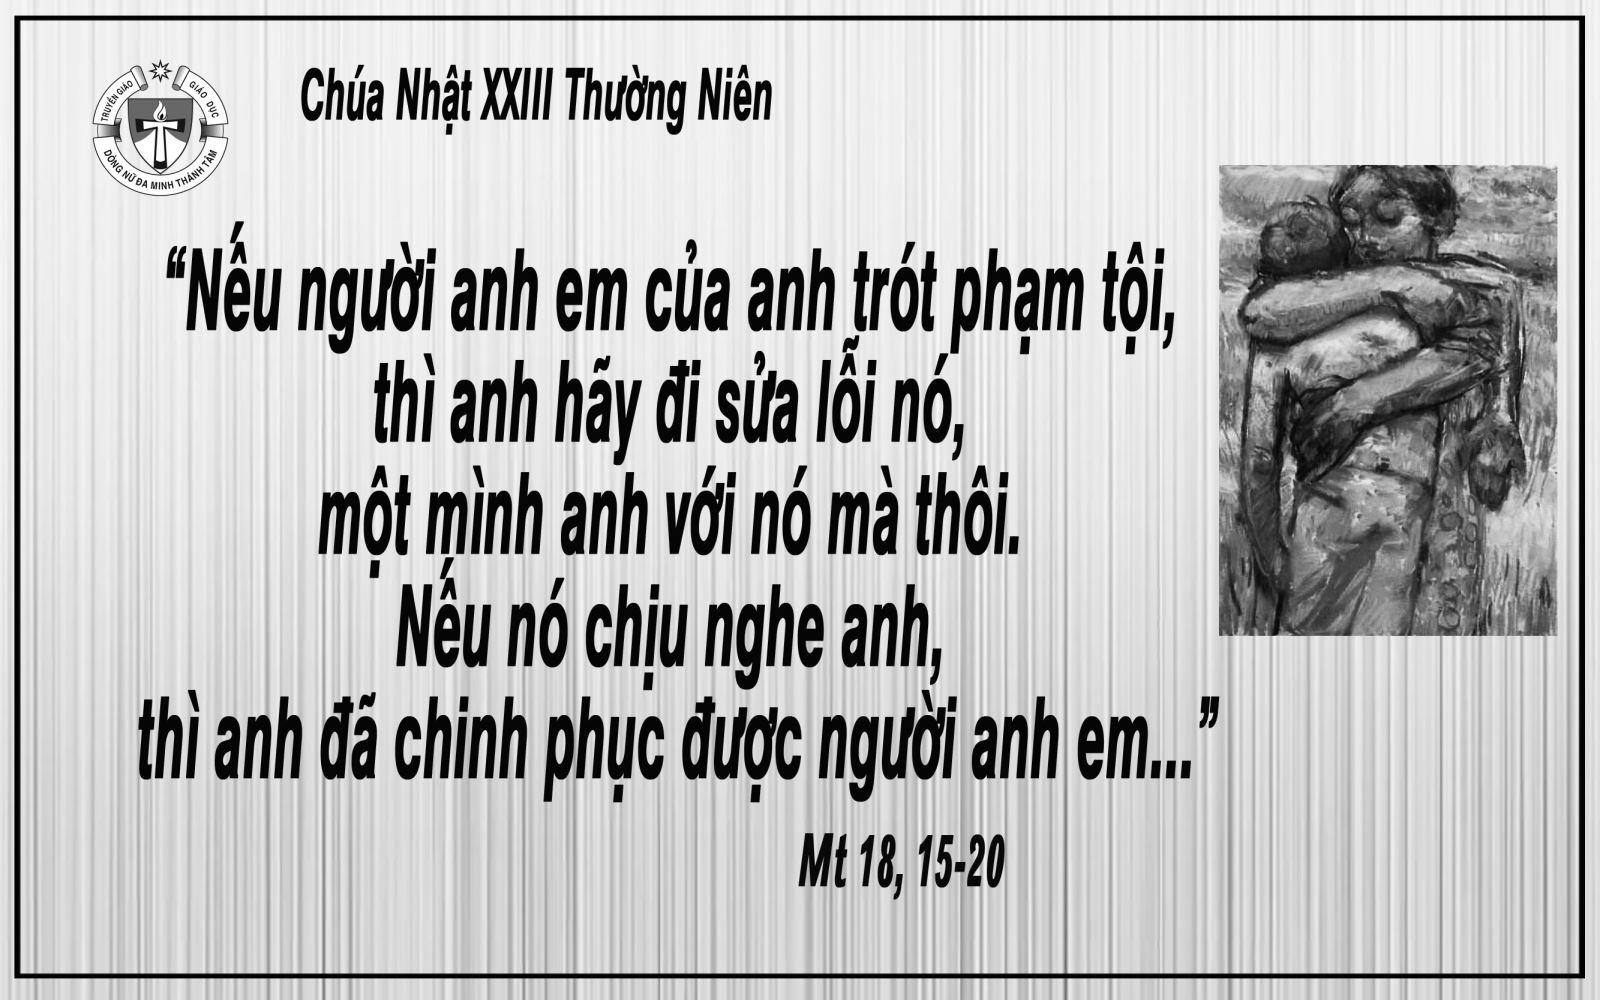 Khi tình yêu sửa lỗi. Suy niệm Lời Chúa Chúa Nhật XXIII Thường Niên